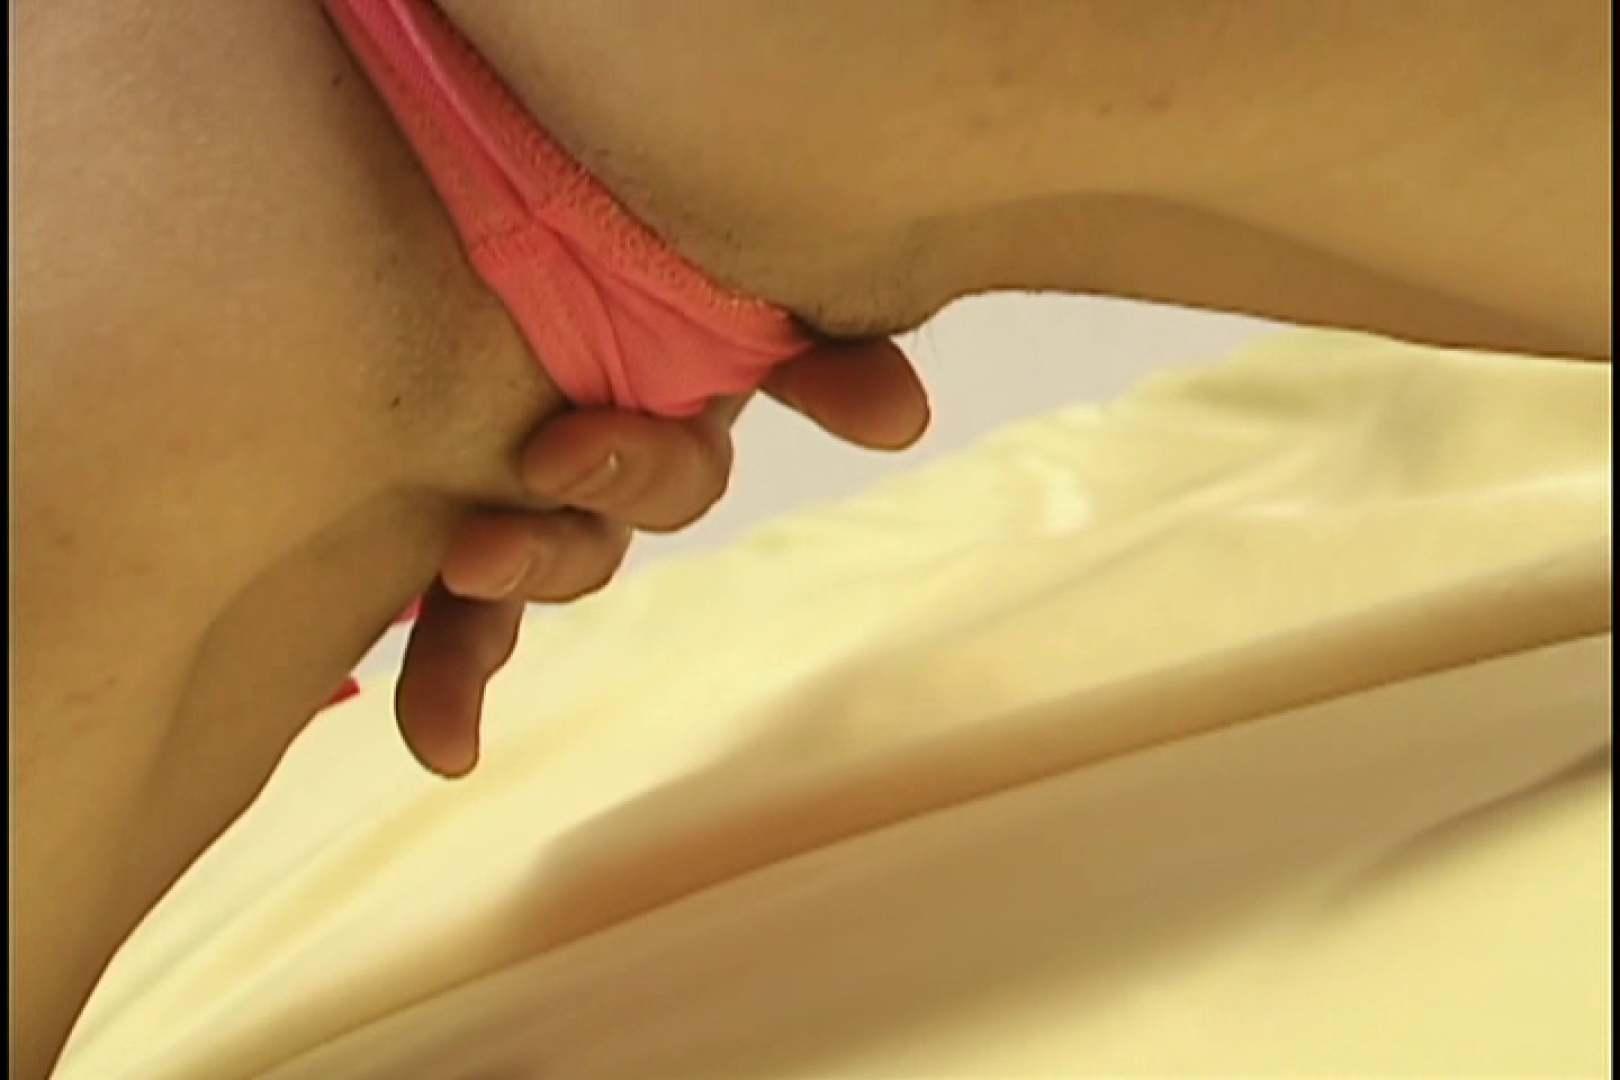 昼間の奥様は欲求不満 ~幸田みゆき~ ギャル達のSEX   人妻  110画像 76